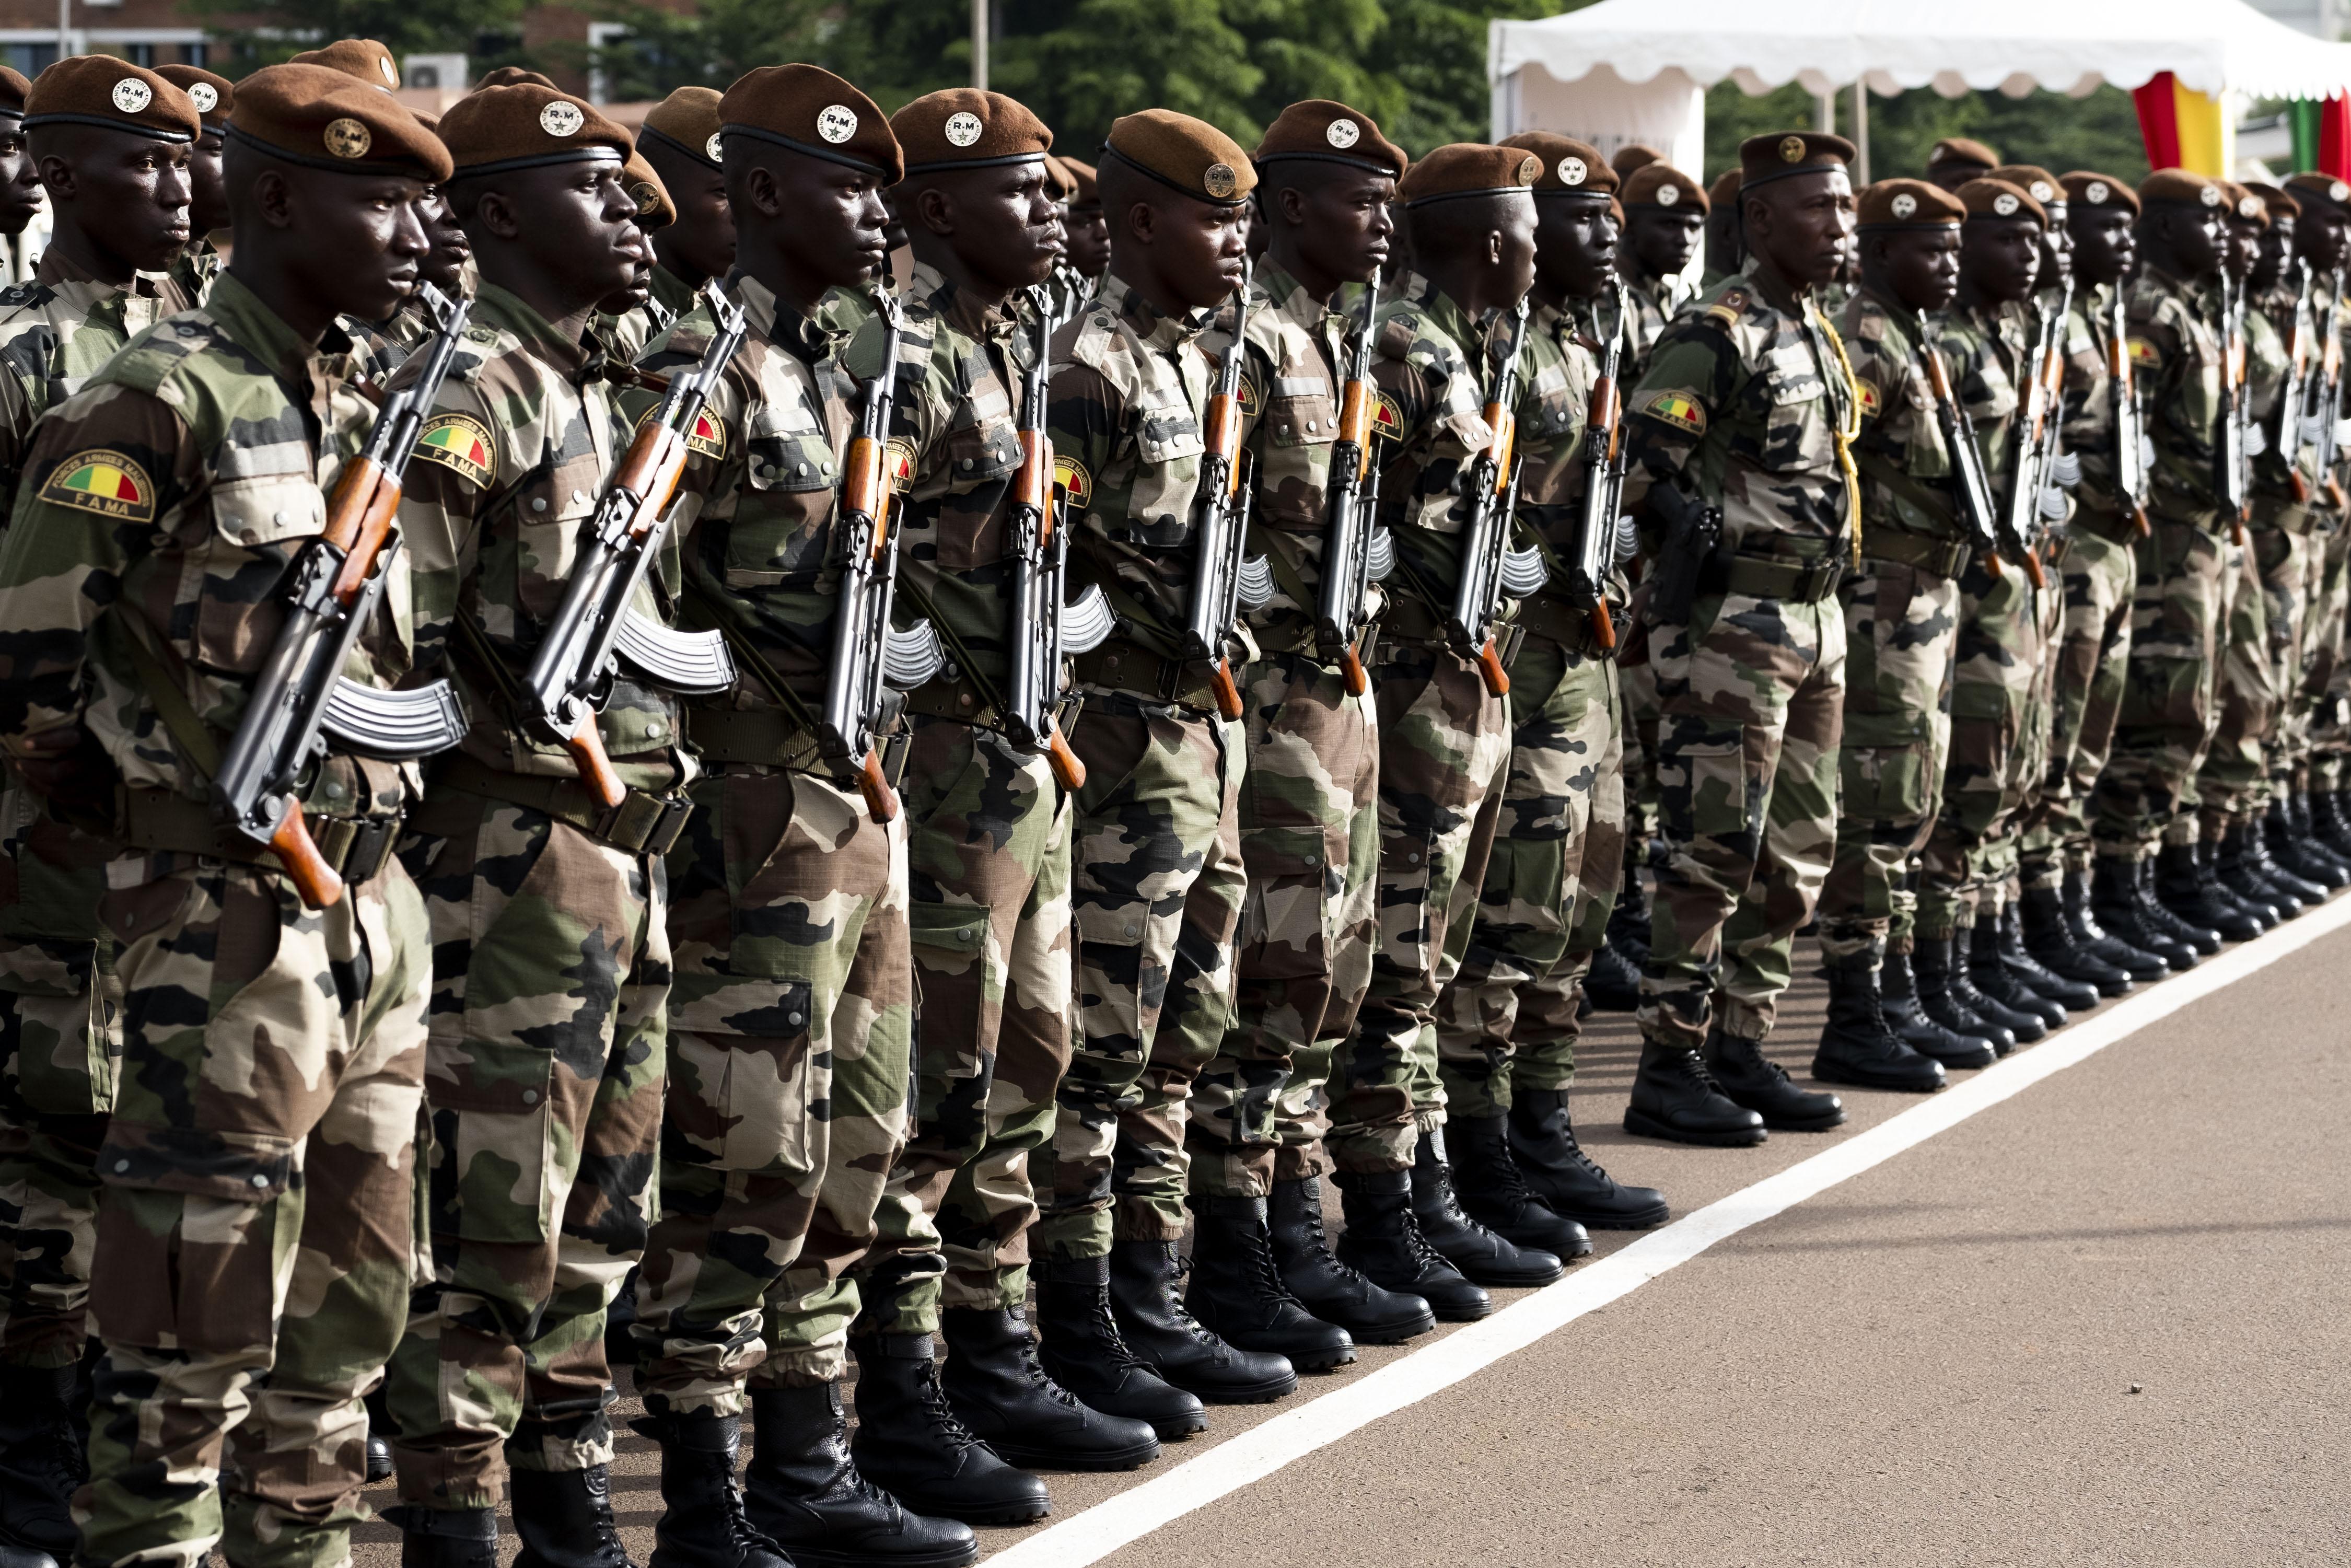 Estado Islâmico reivindica autoria de atentado no Mali | VEJA